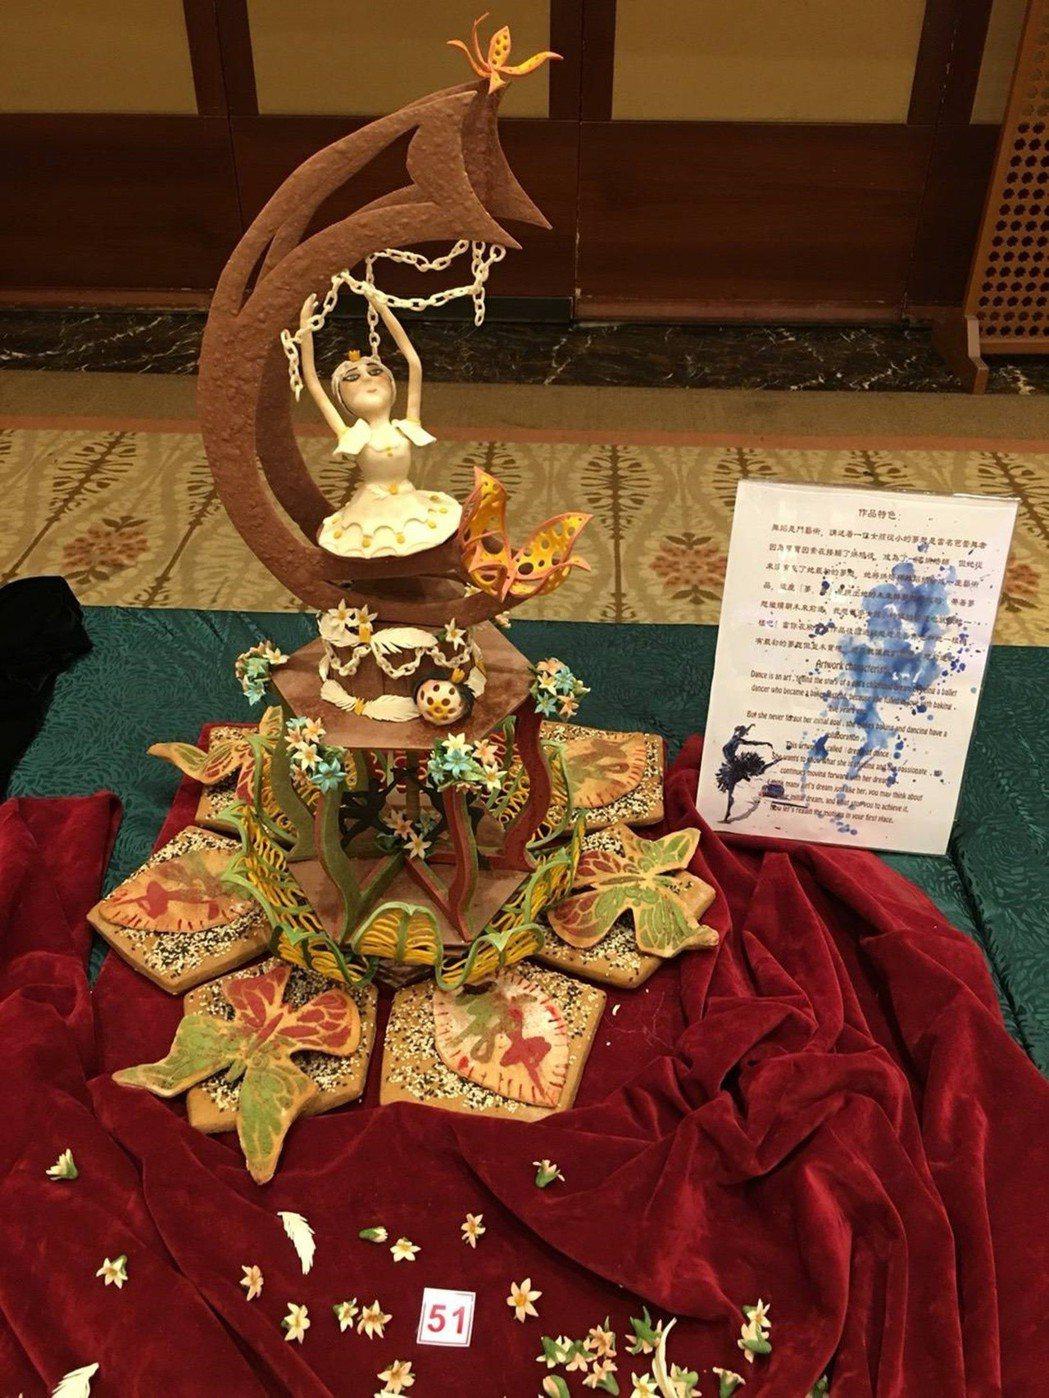 弘光科大學生廖于儀以「夢舞」藝術麵包奪比賽金獎 弘光科大/提供。